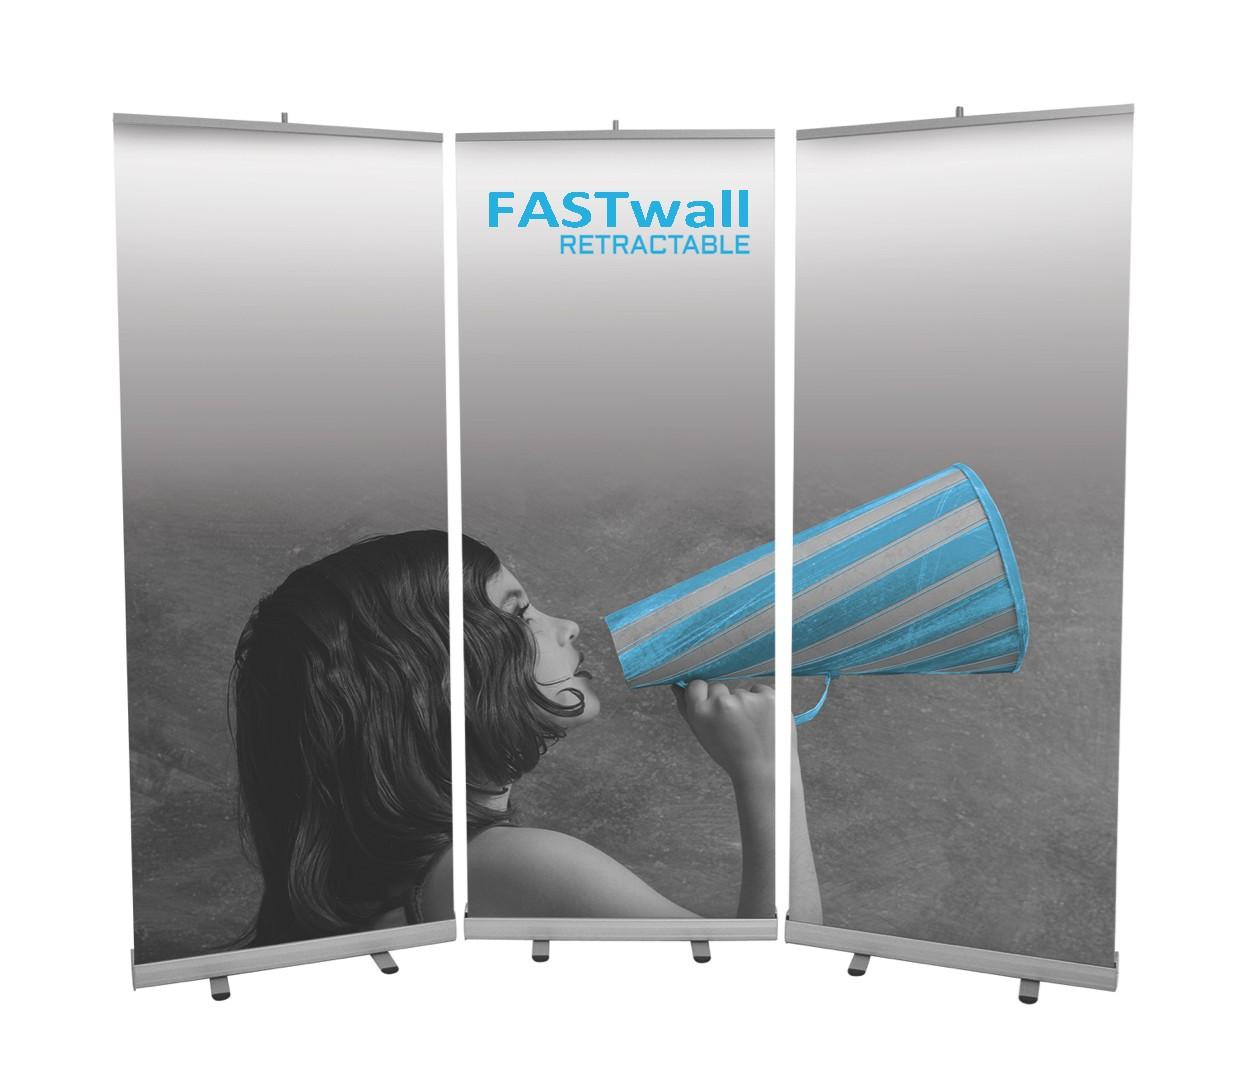 fastwall banner display. Black Bedroom Furniture Sets. Home Design Ideas